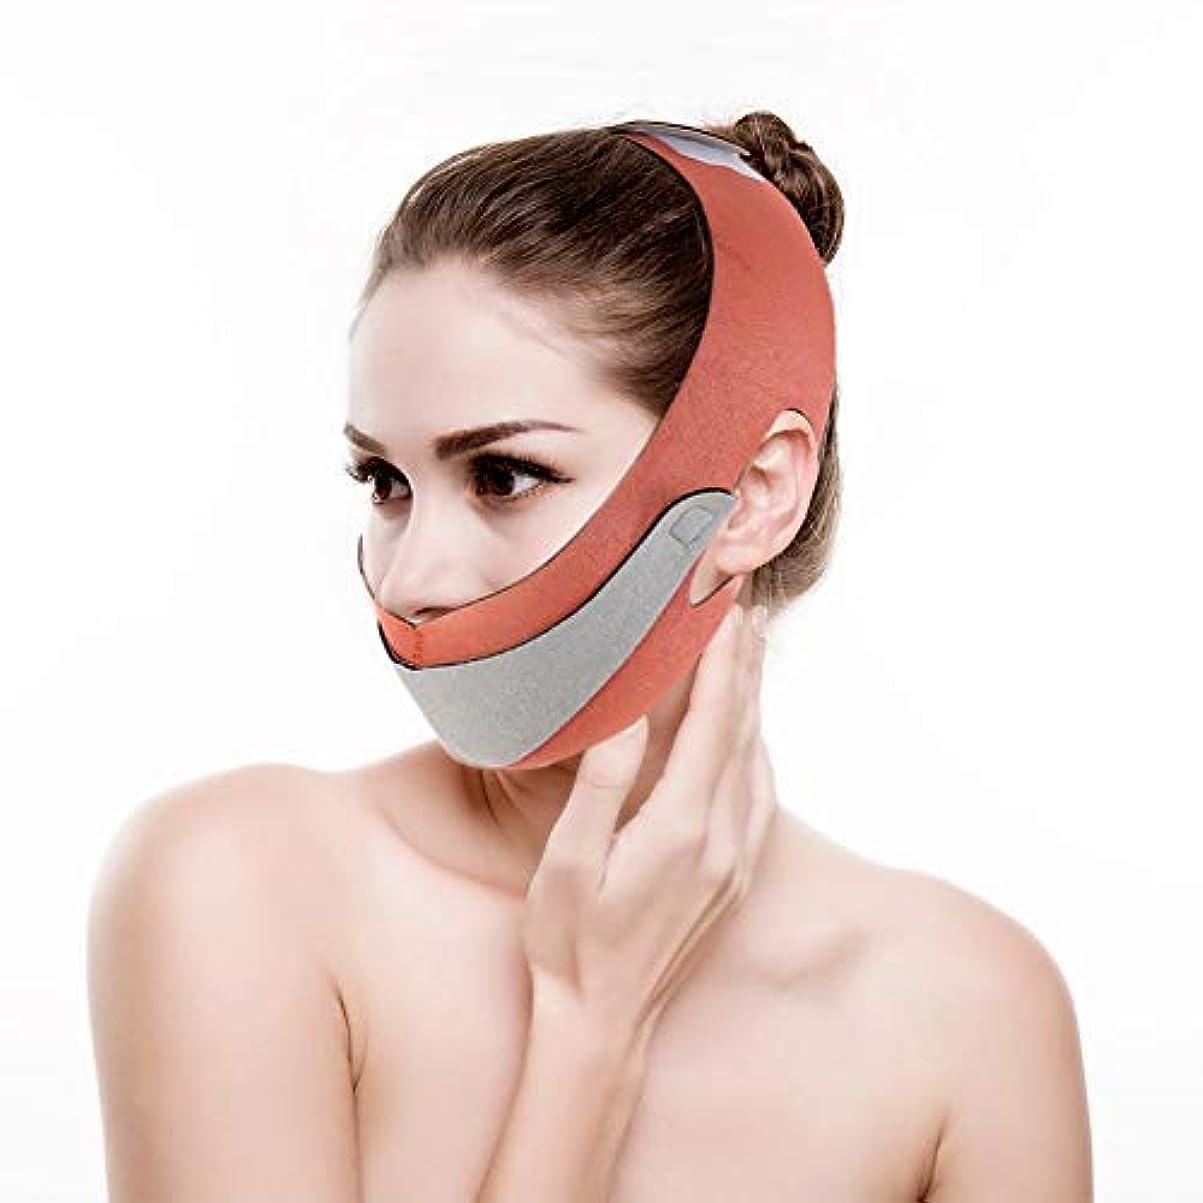 保護欲しいですとは異なりフェイシャルスリミングマスク プロテクターカバレッジリフティング フェイス減量 ベルト減量 ダブルチェーン スキンケア(2)